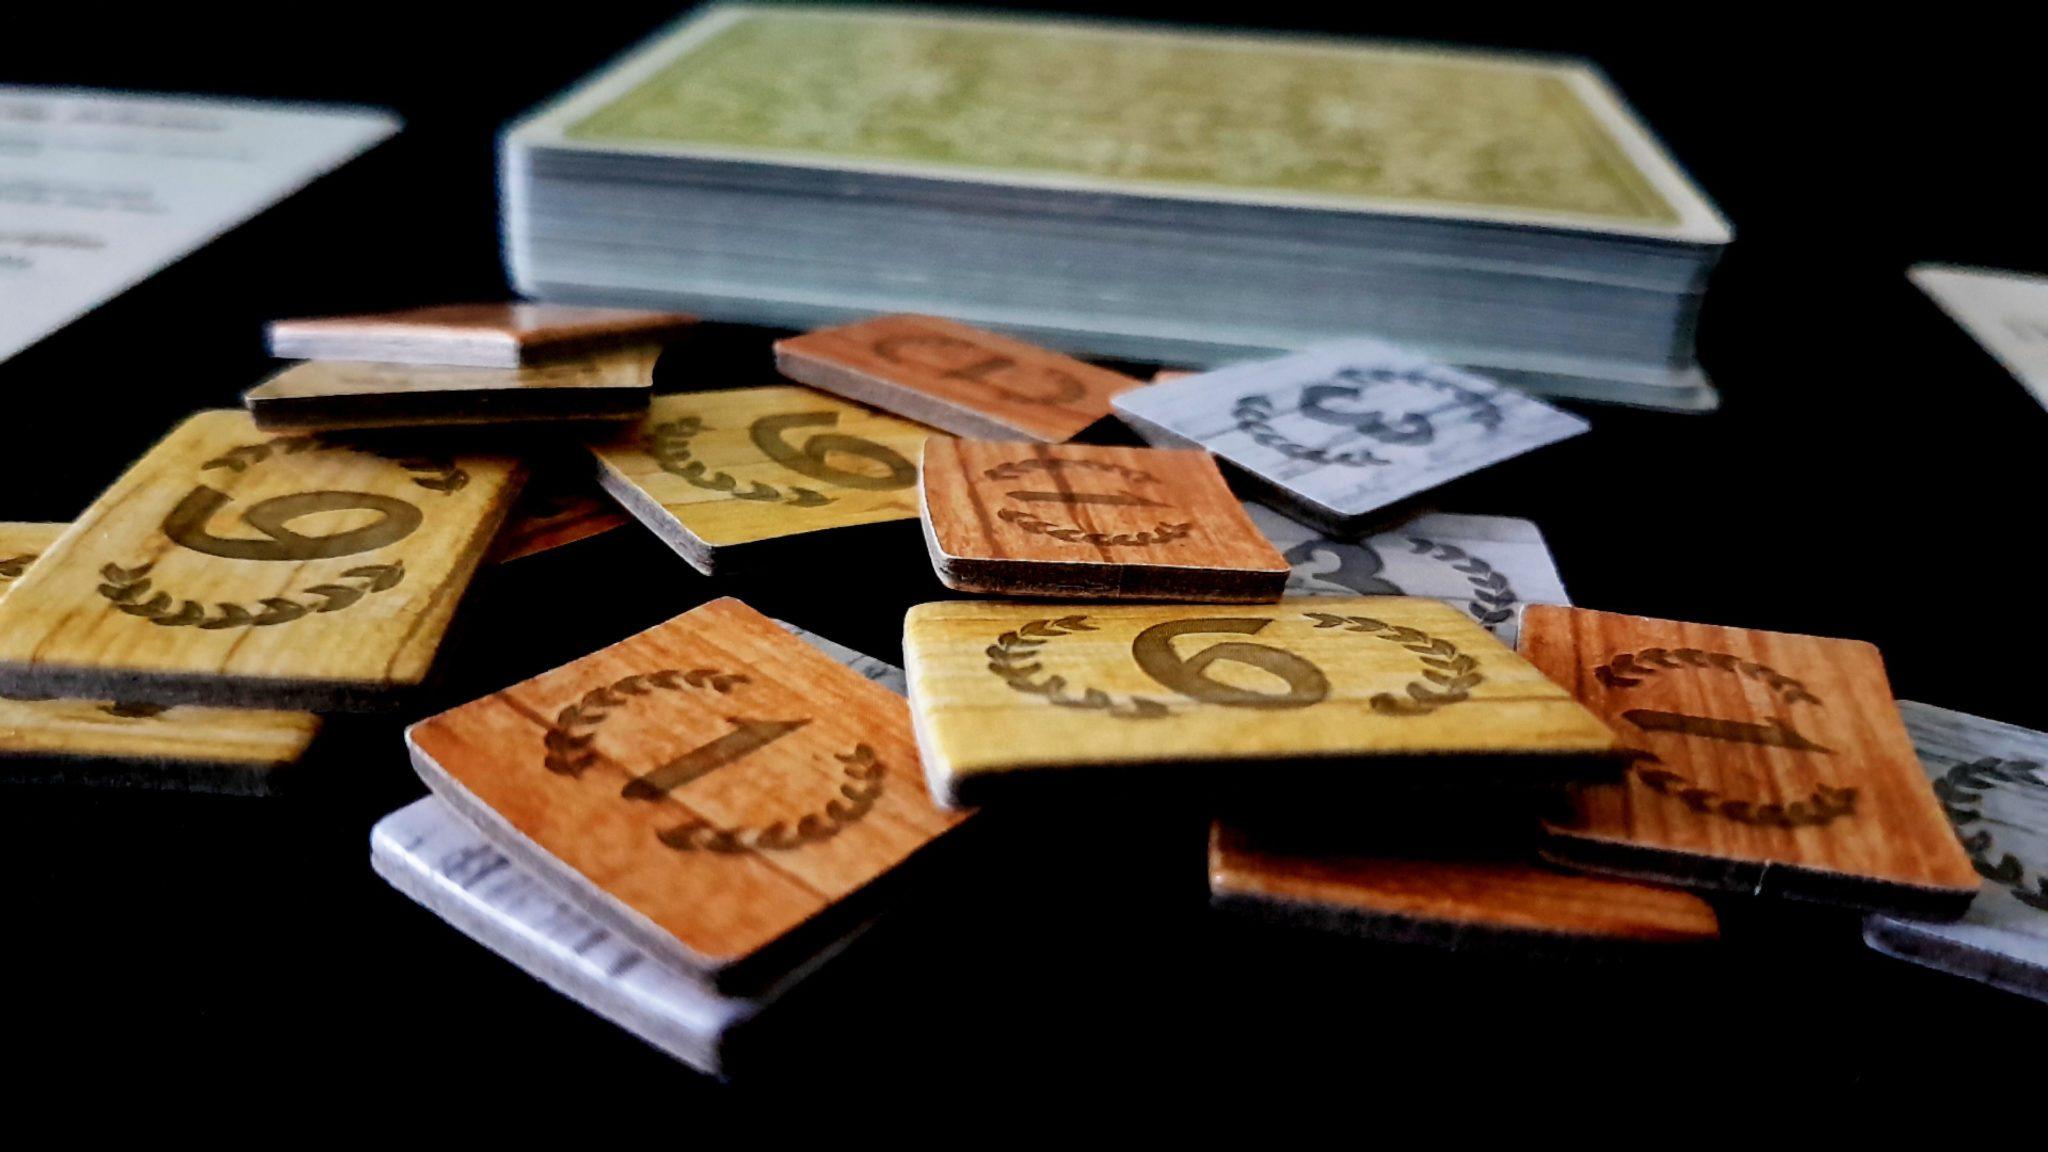 Scoring tokens